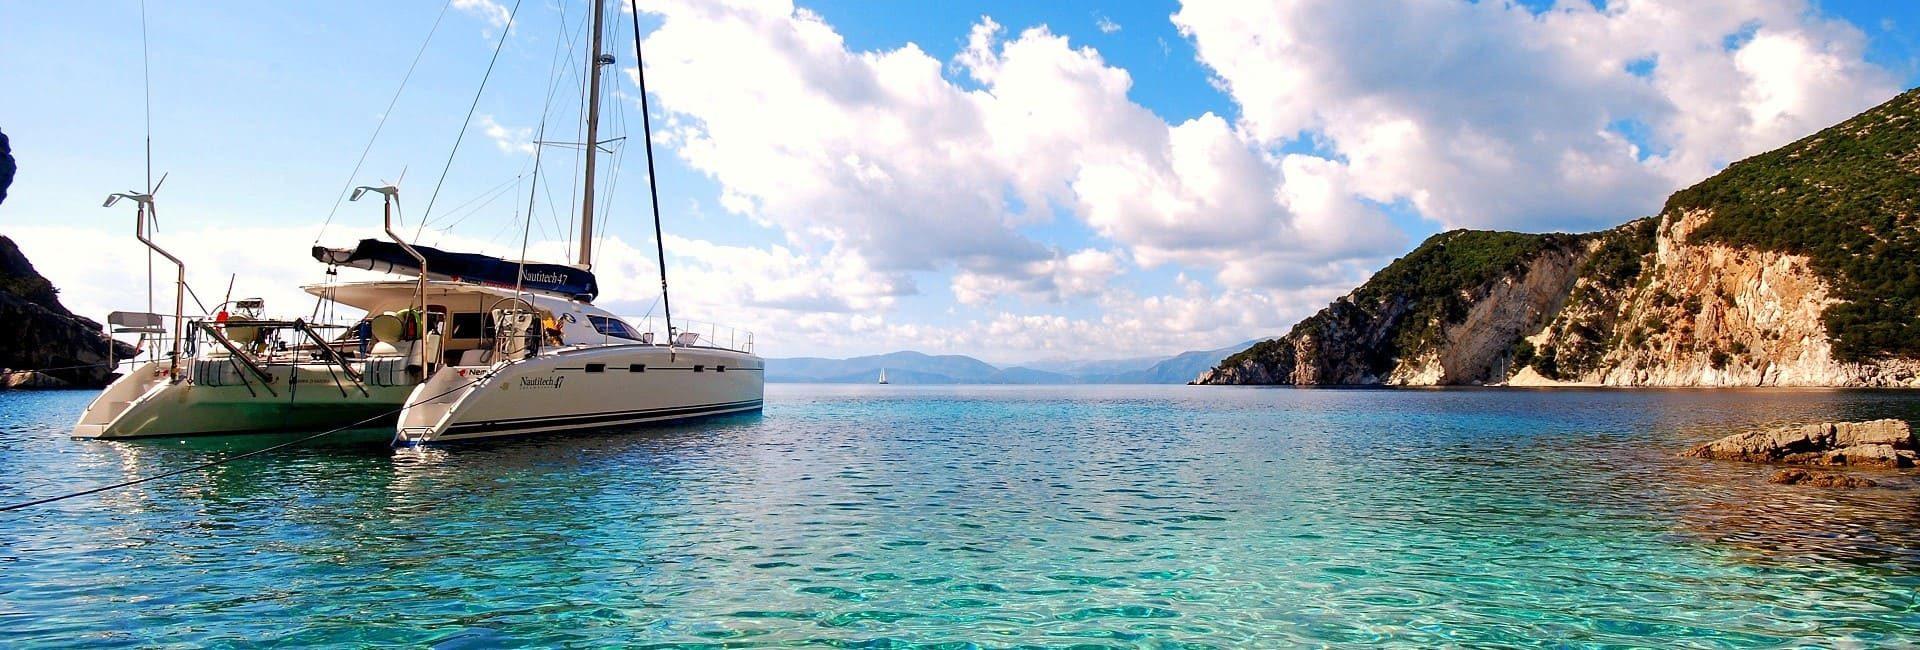 alfa_yachting_slider1